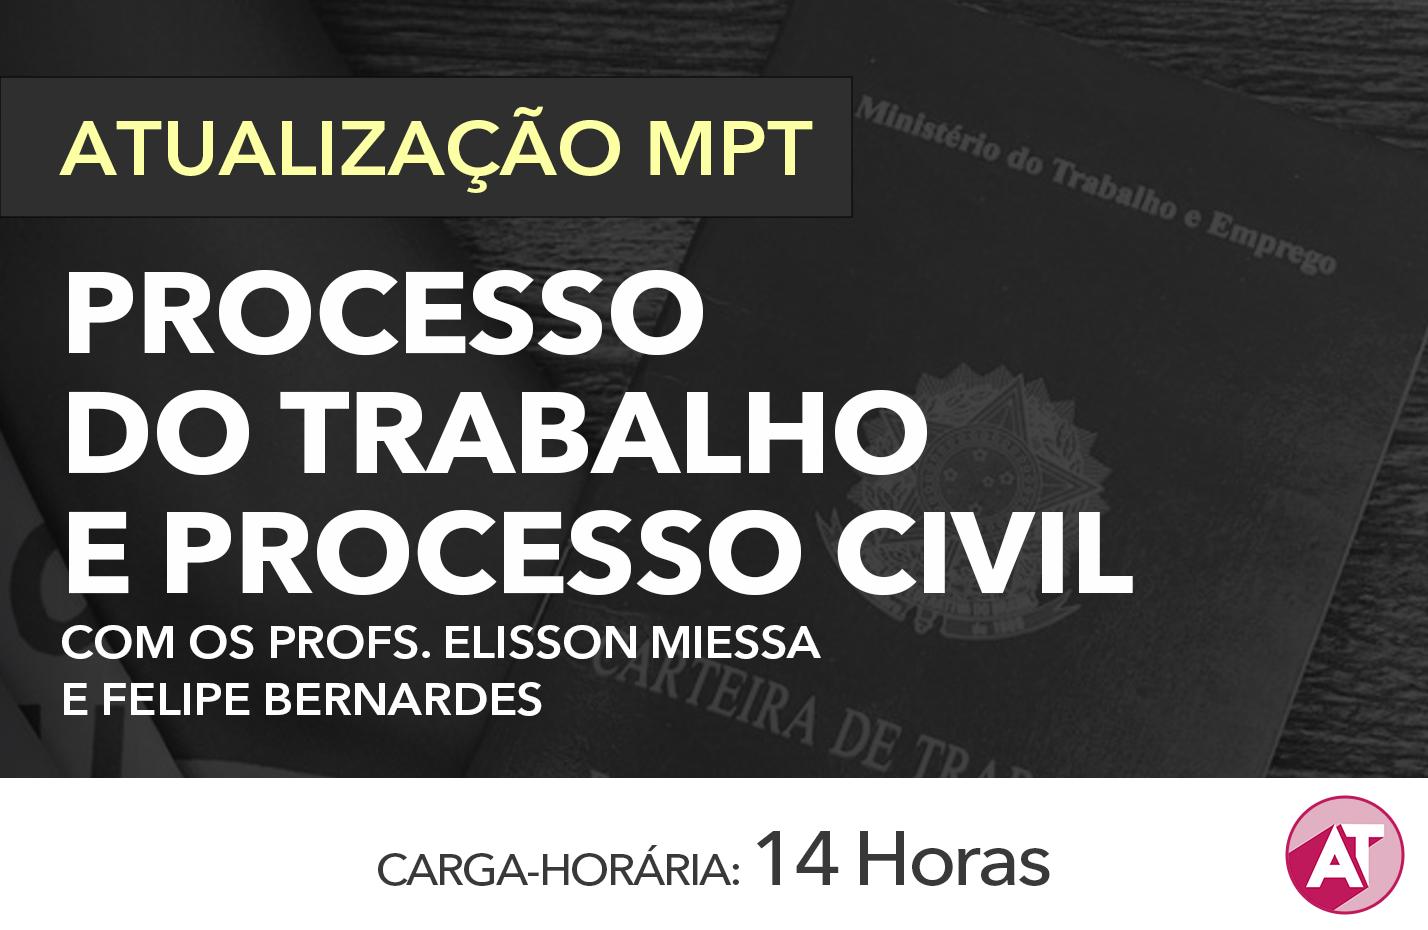 PROCESSO DO TRABALHO E PROCESSO CIVIL